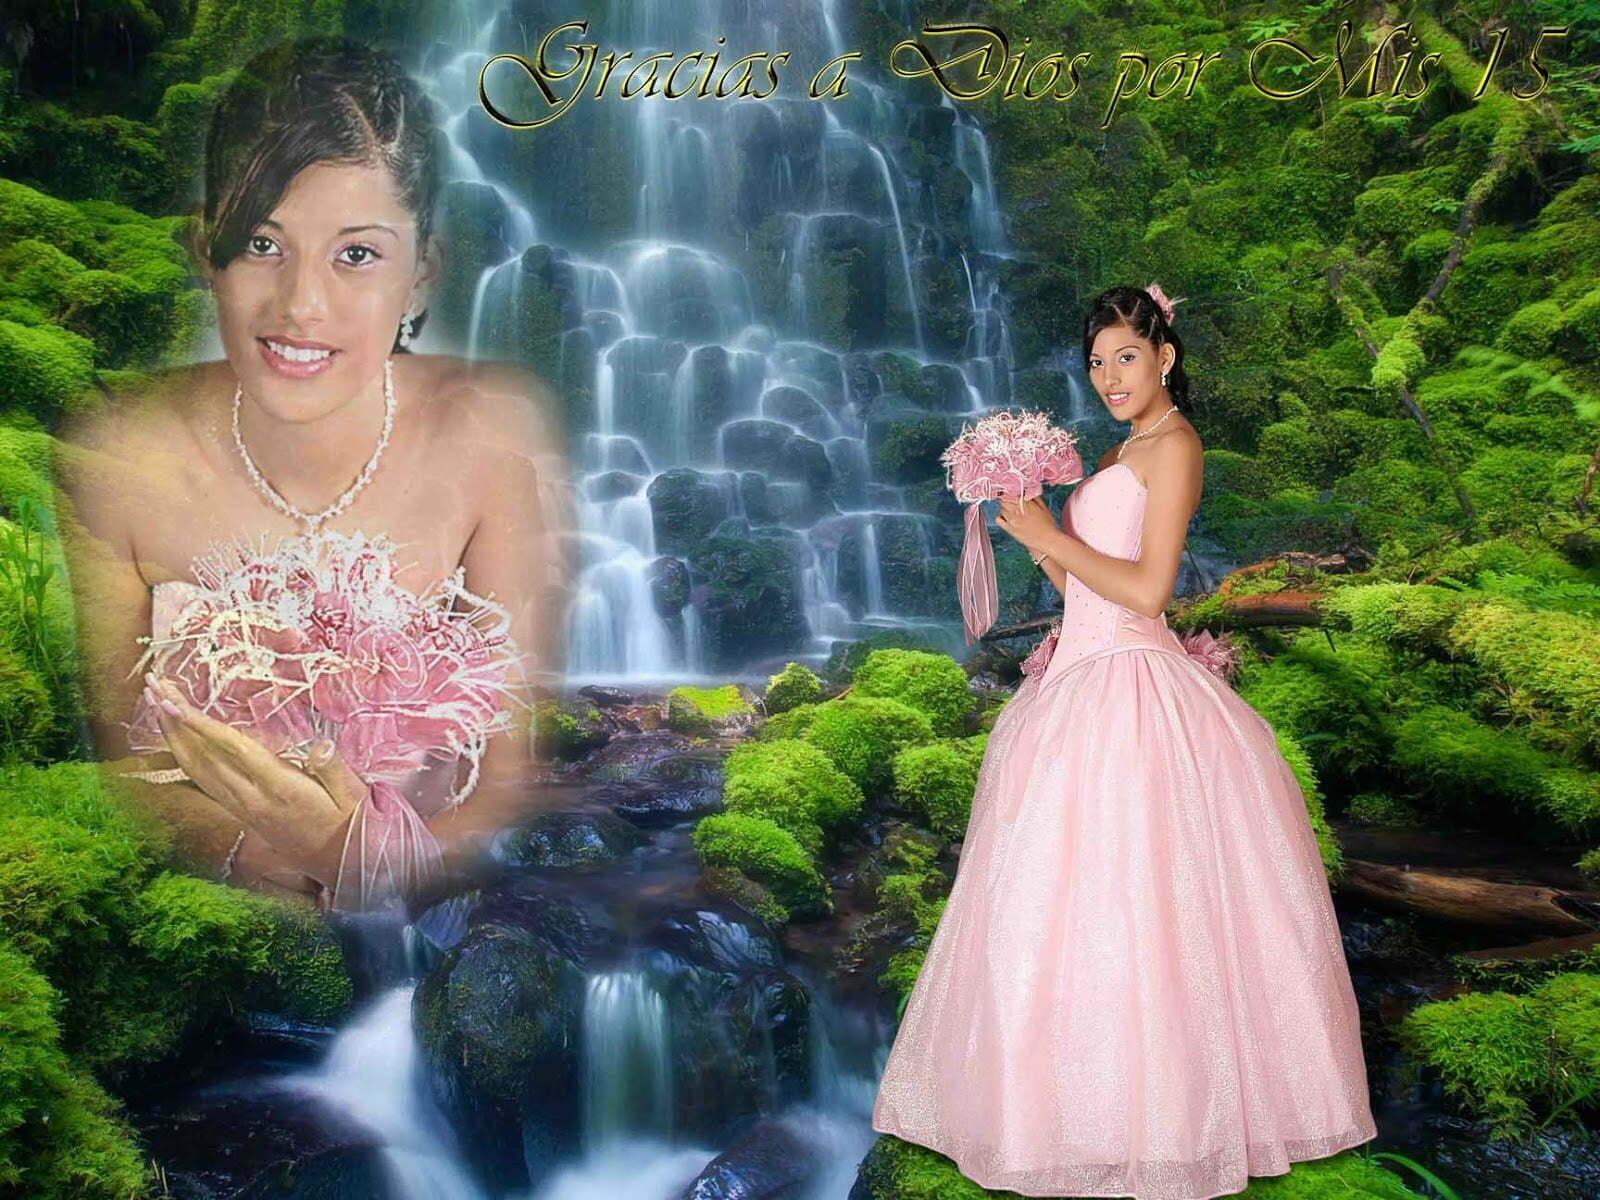 fotomontajes para fotos de quinceañeras